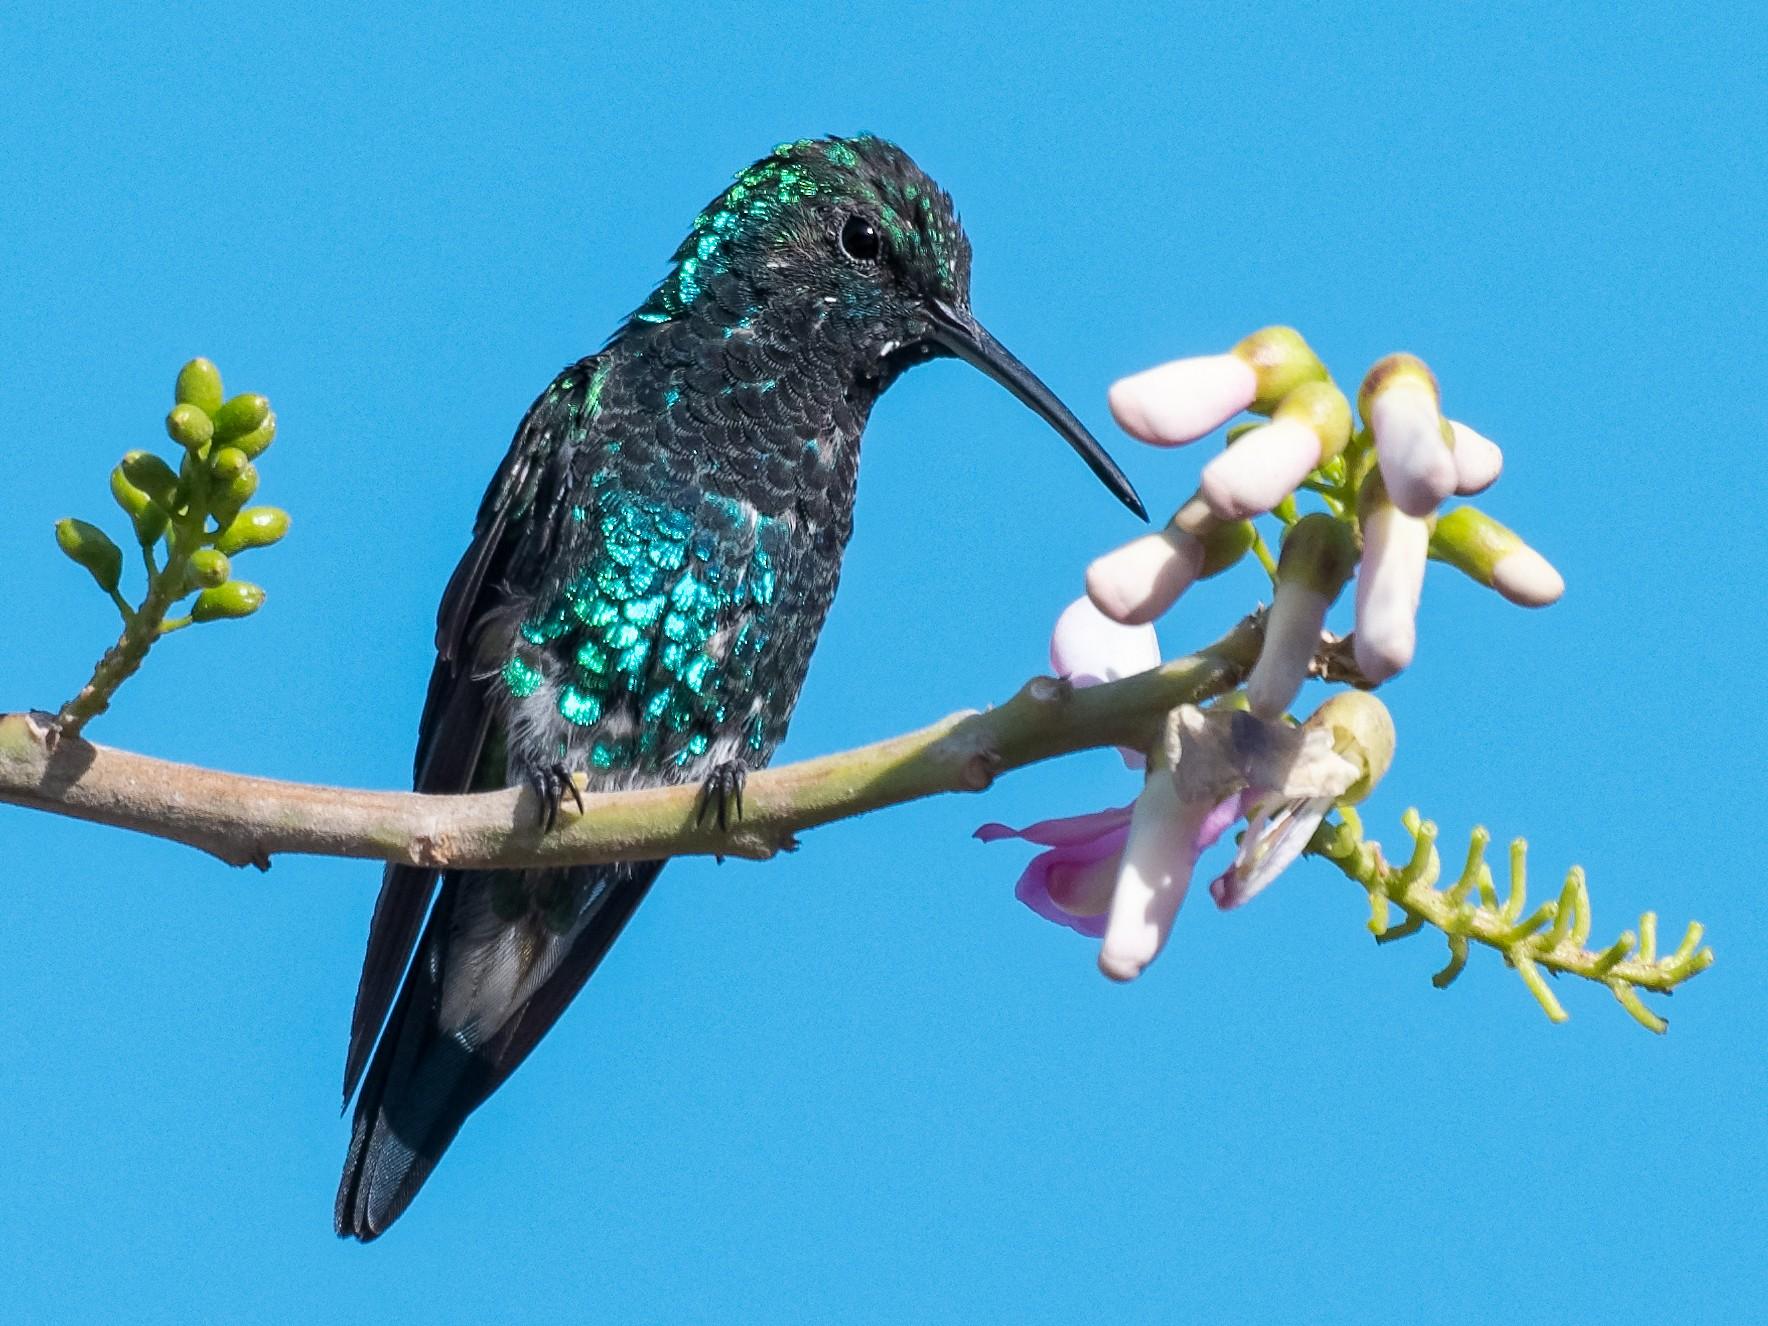 Shining-green Hummingbird - Don Danko